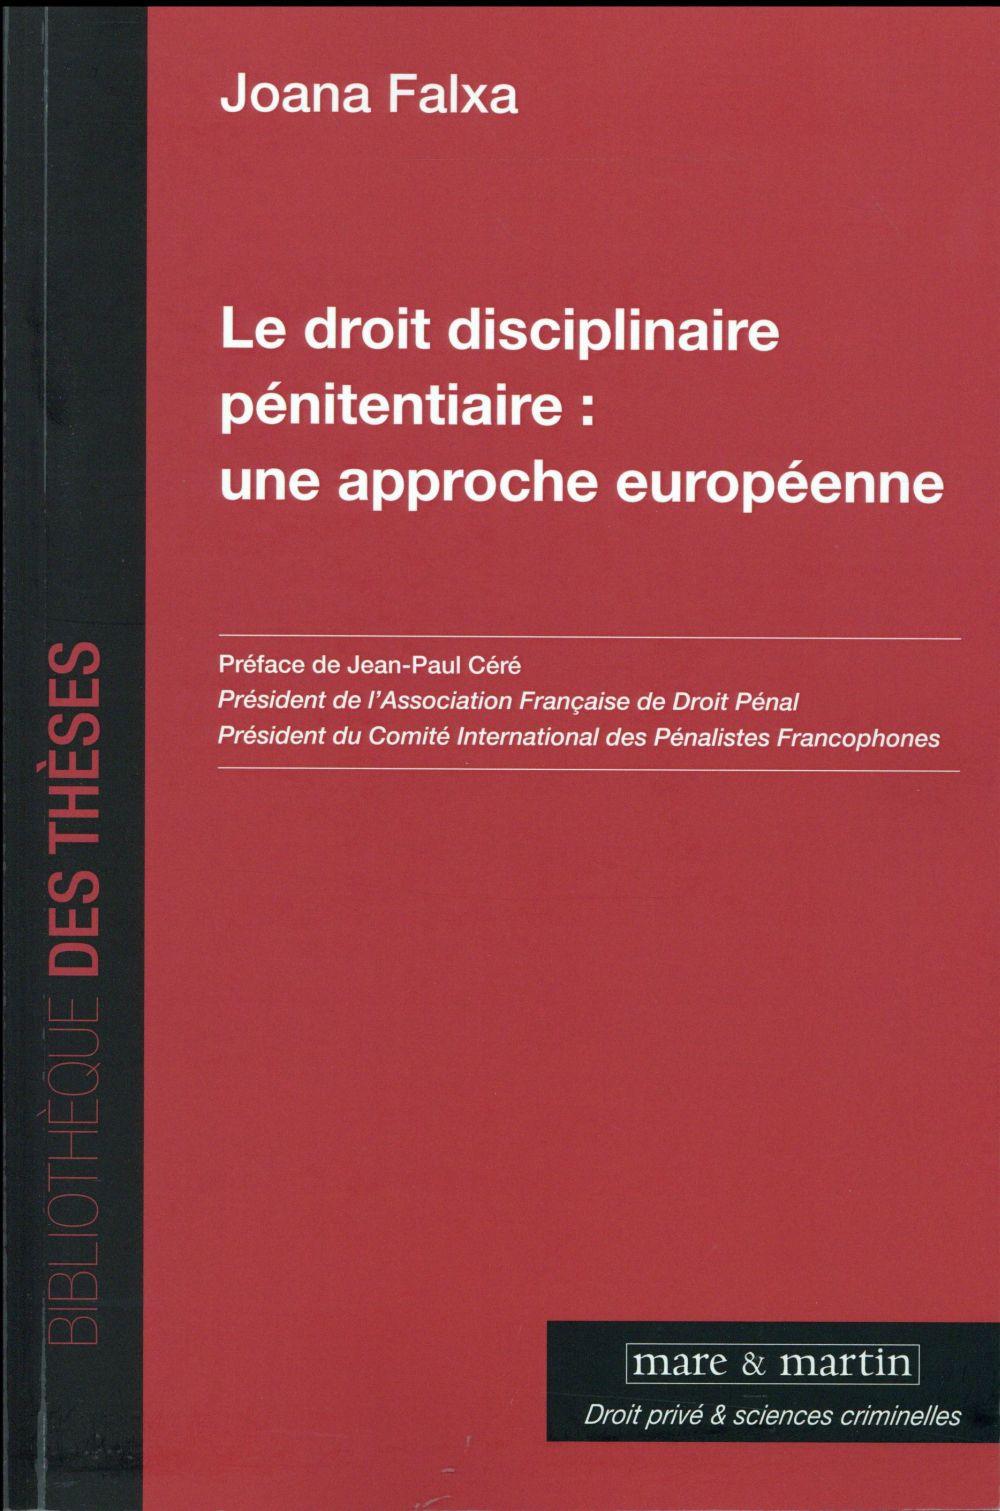 LE DROIT DISCIPLINAIRE PENITENTIAIRE  UNE APPROCHE EUROPEENNE